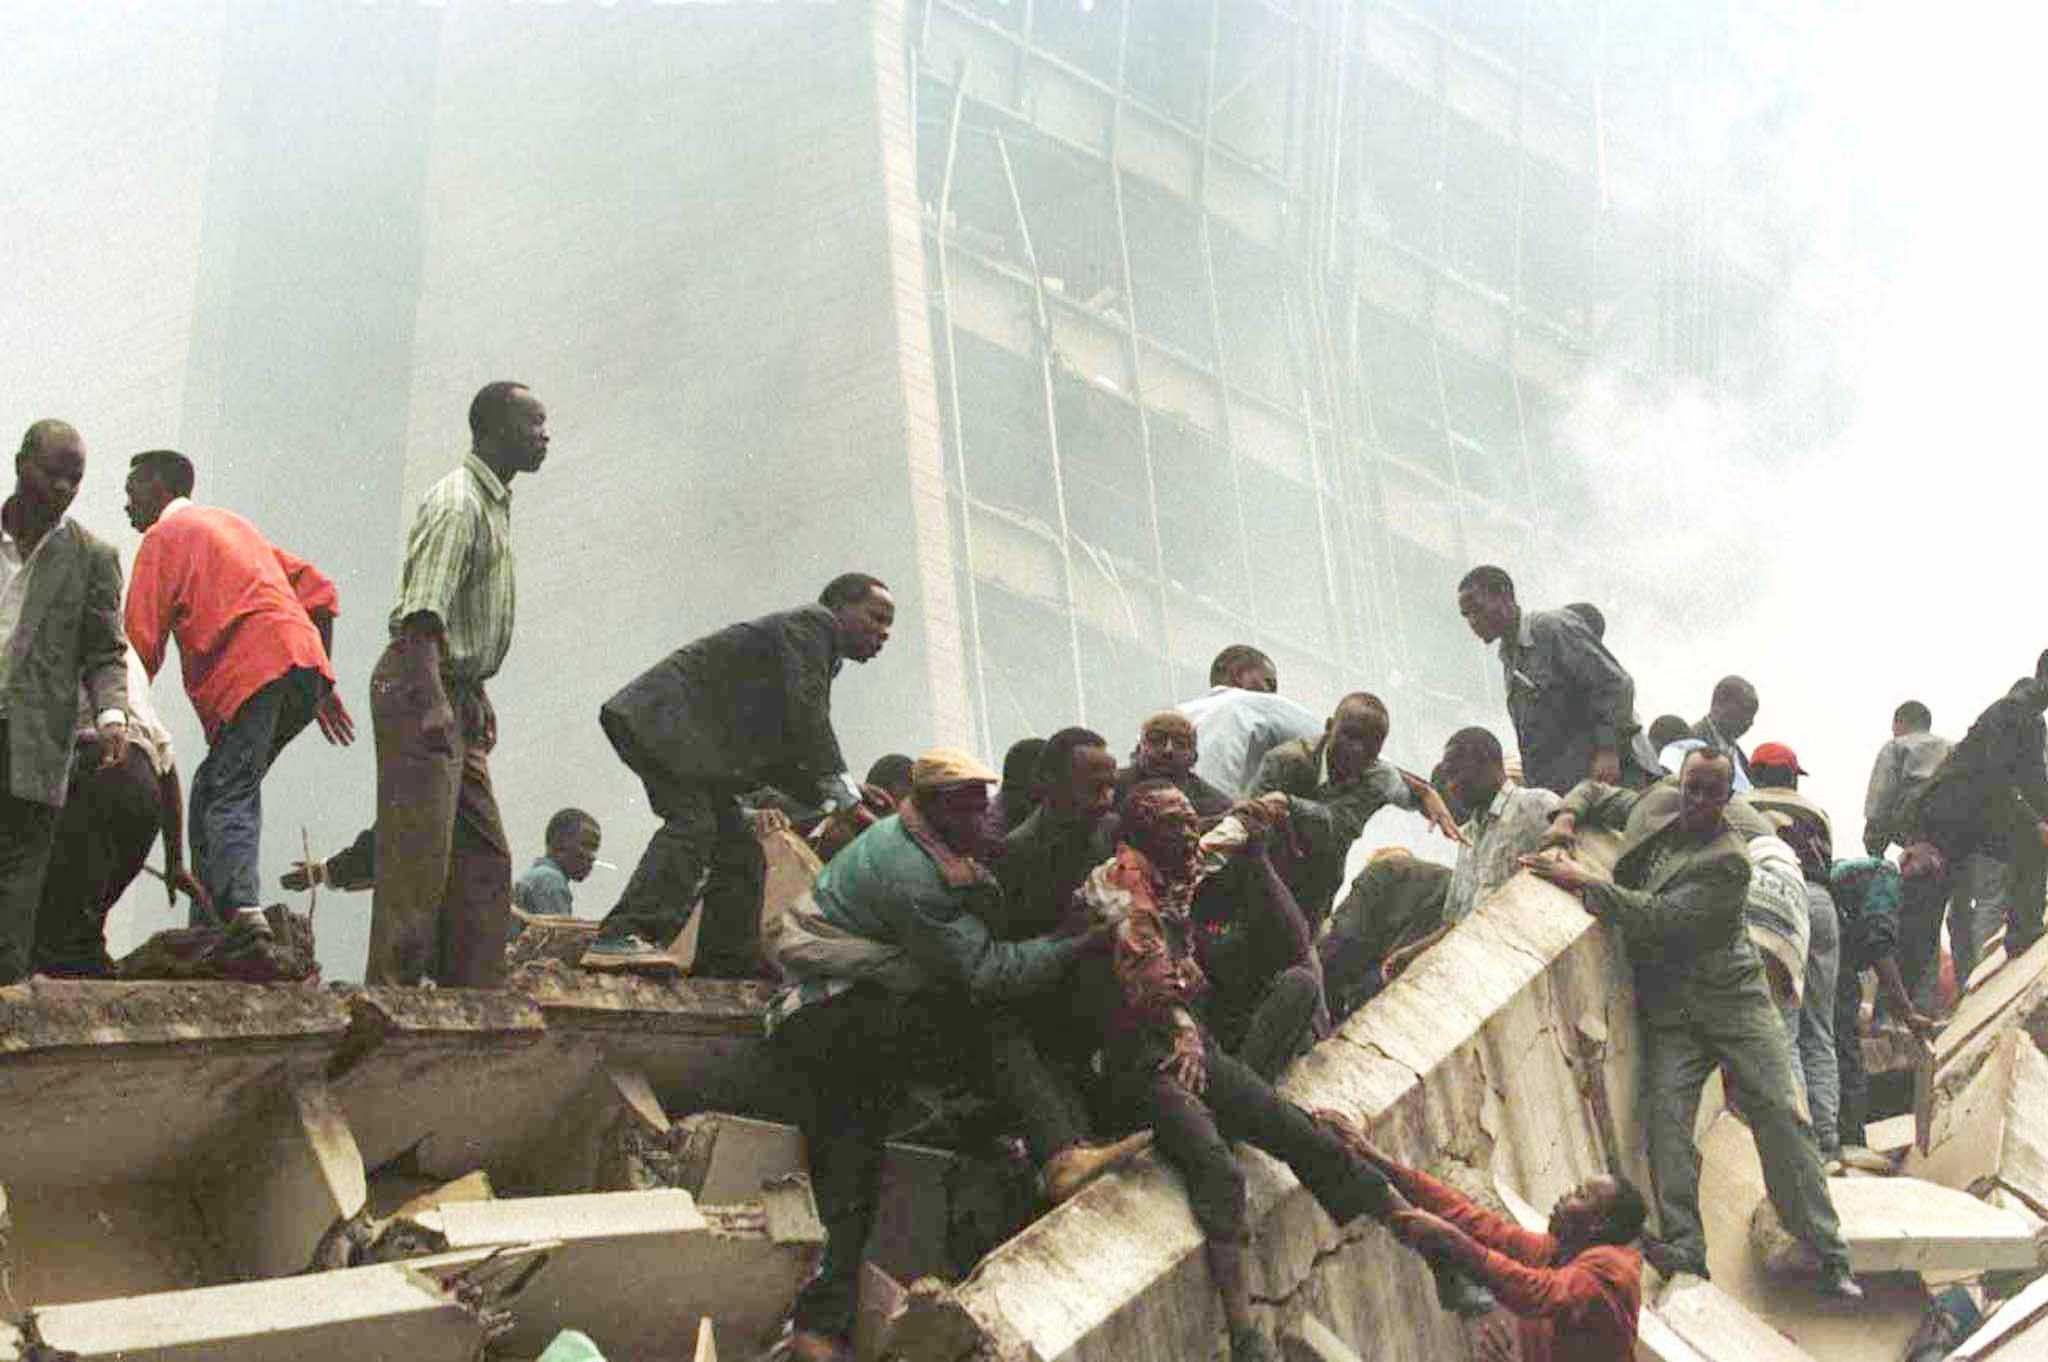 Nairobi embassy bombing